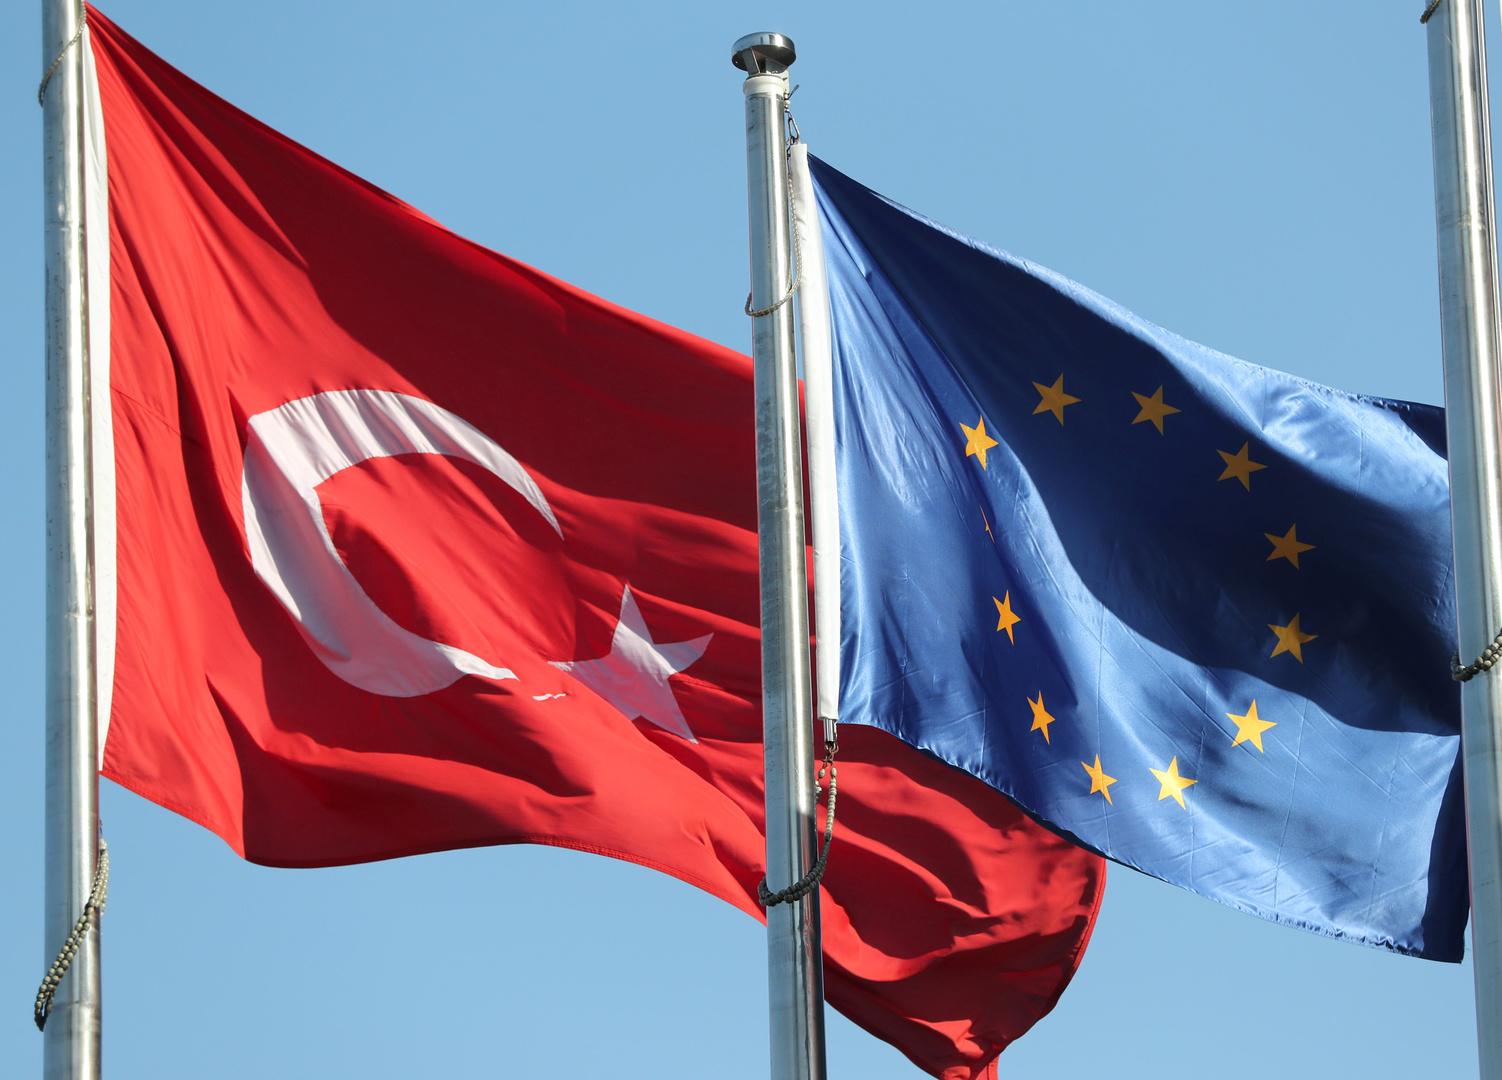 الاتحاد الأوروبي: تركيا تبتعد عنا أكثر فأكثر